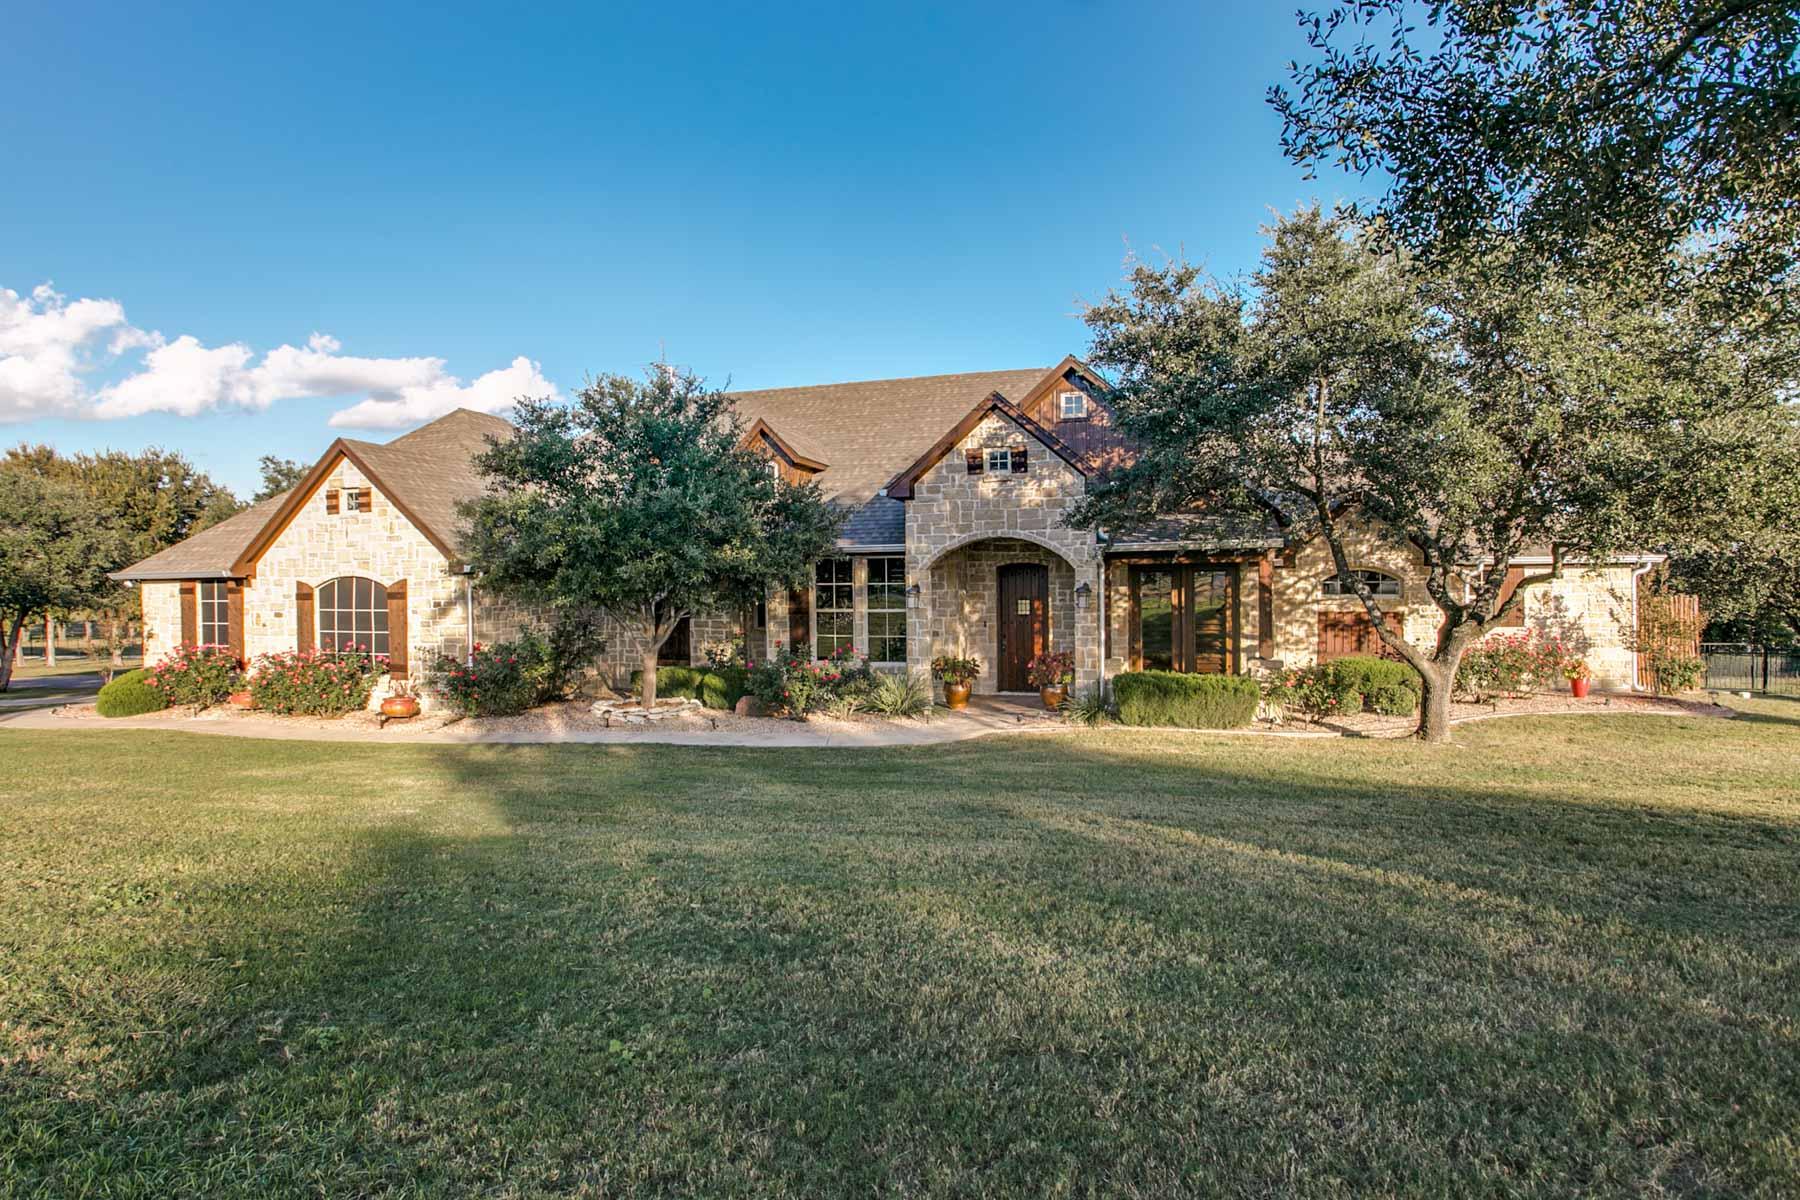 Tek Ailelik Ev için Satış at 257 Silver Spur, Weatherford Weatherford, Teksas, 76087 Amerika Birleşik Devletleri